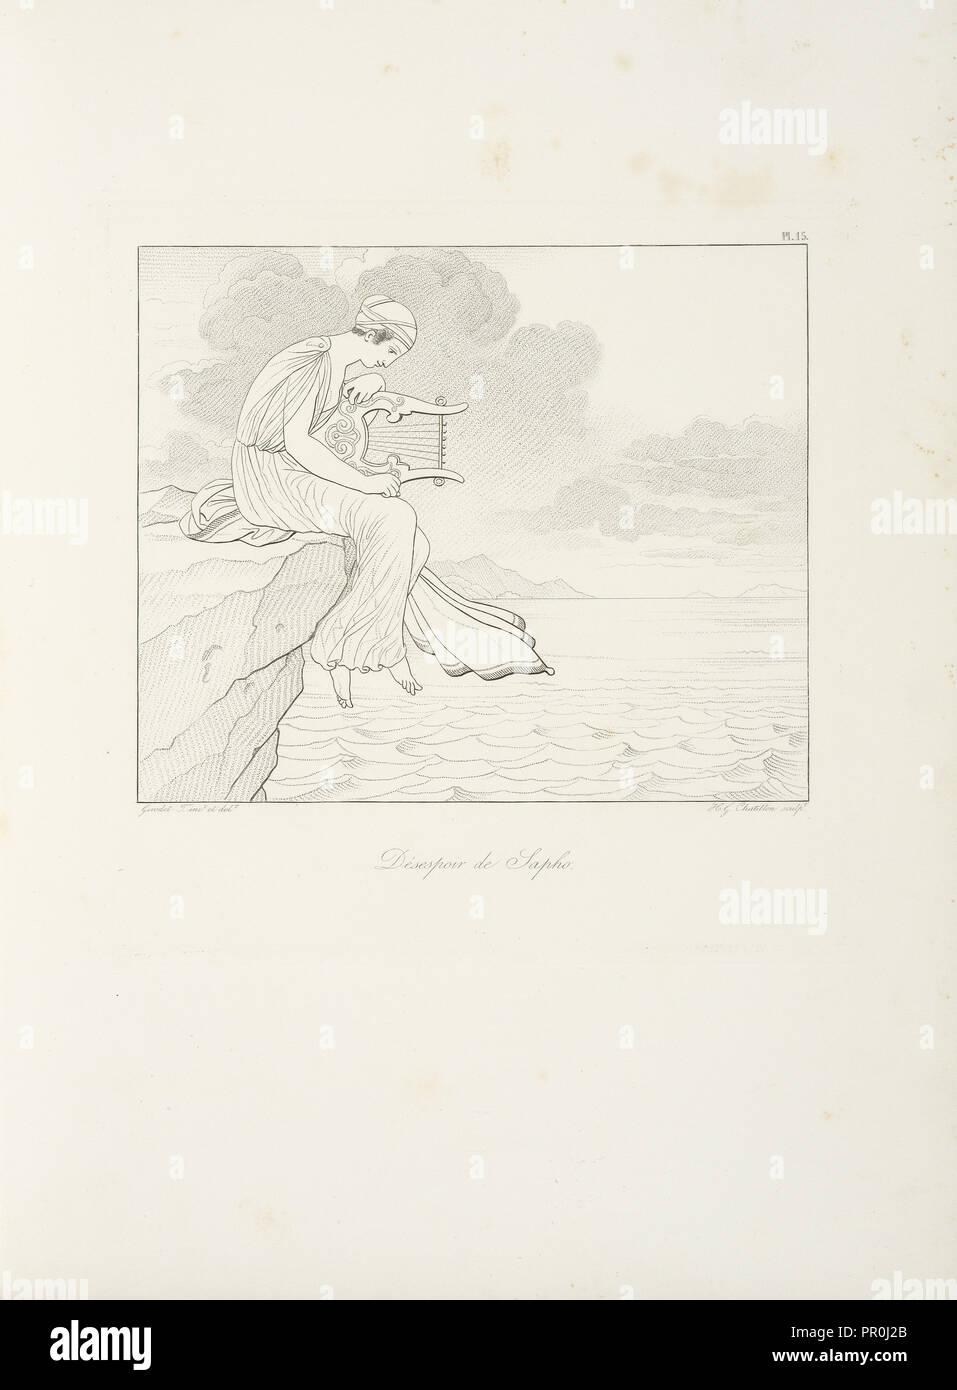 Désespoir de Sapho, Sappho, Bion, Moschus, Chatillon, Henri Guillaume, ca. 1780-1856, Girodet-Trioson, Anne-Louis, 1767-1824 - Stock Image